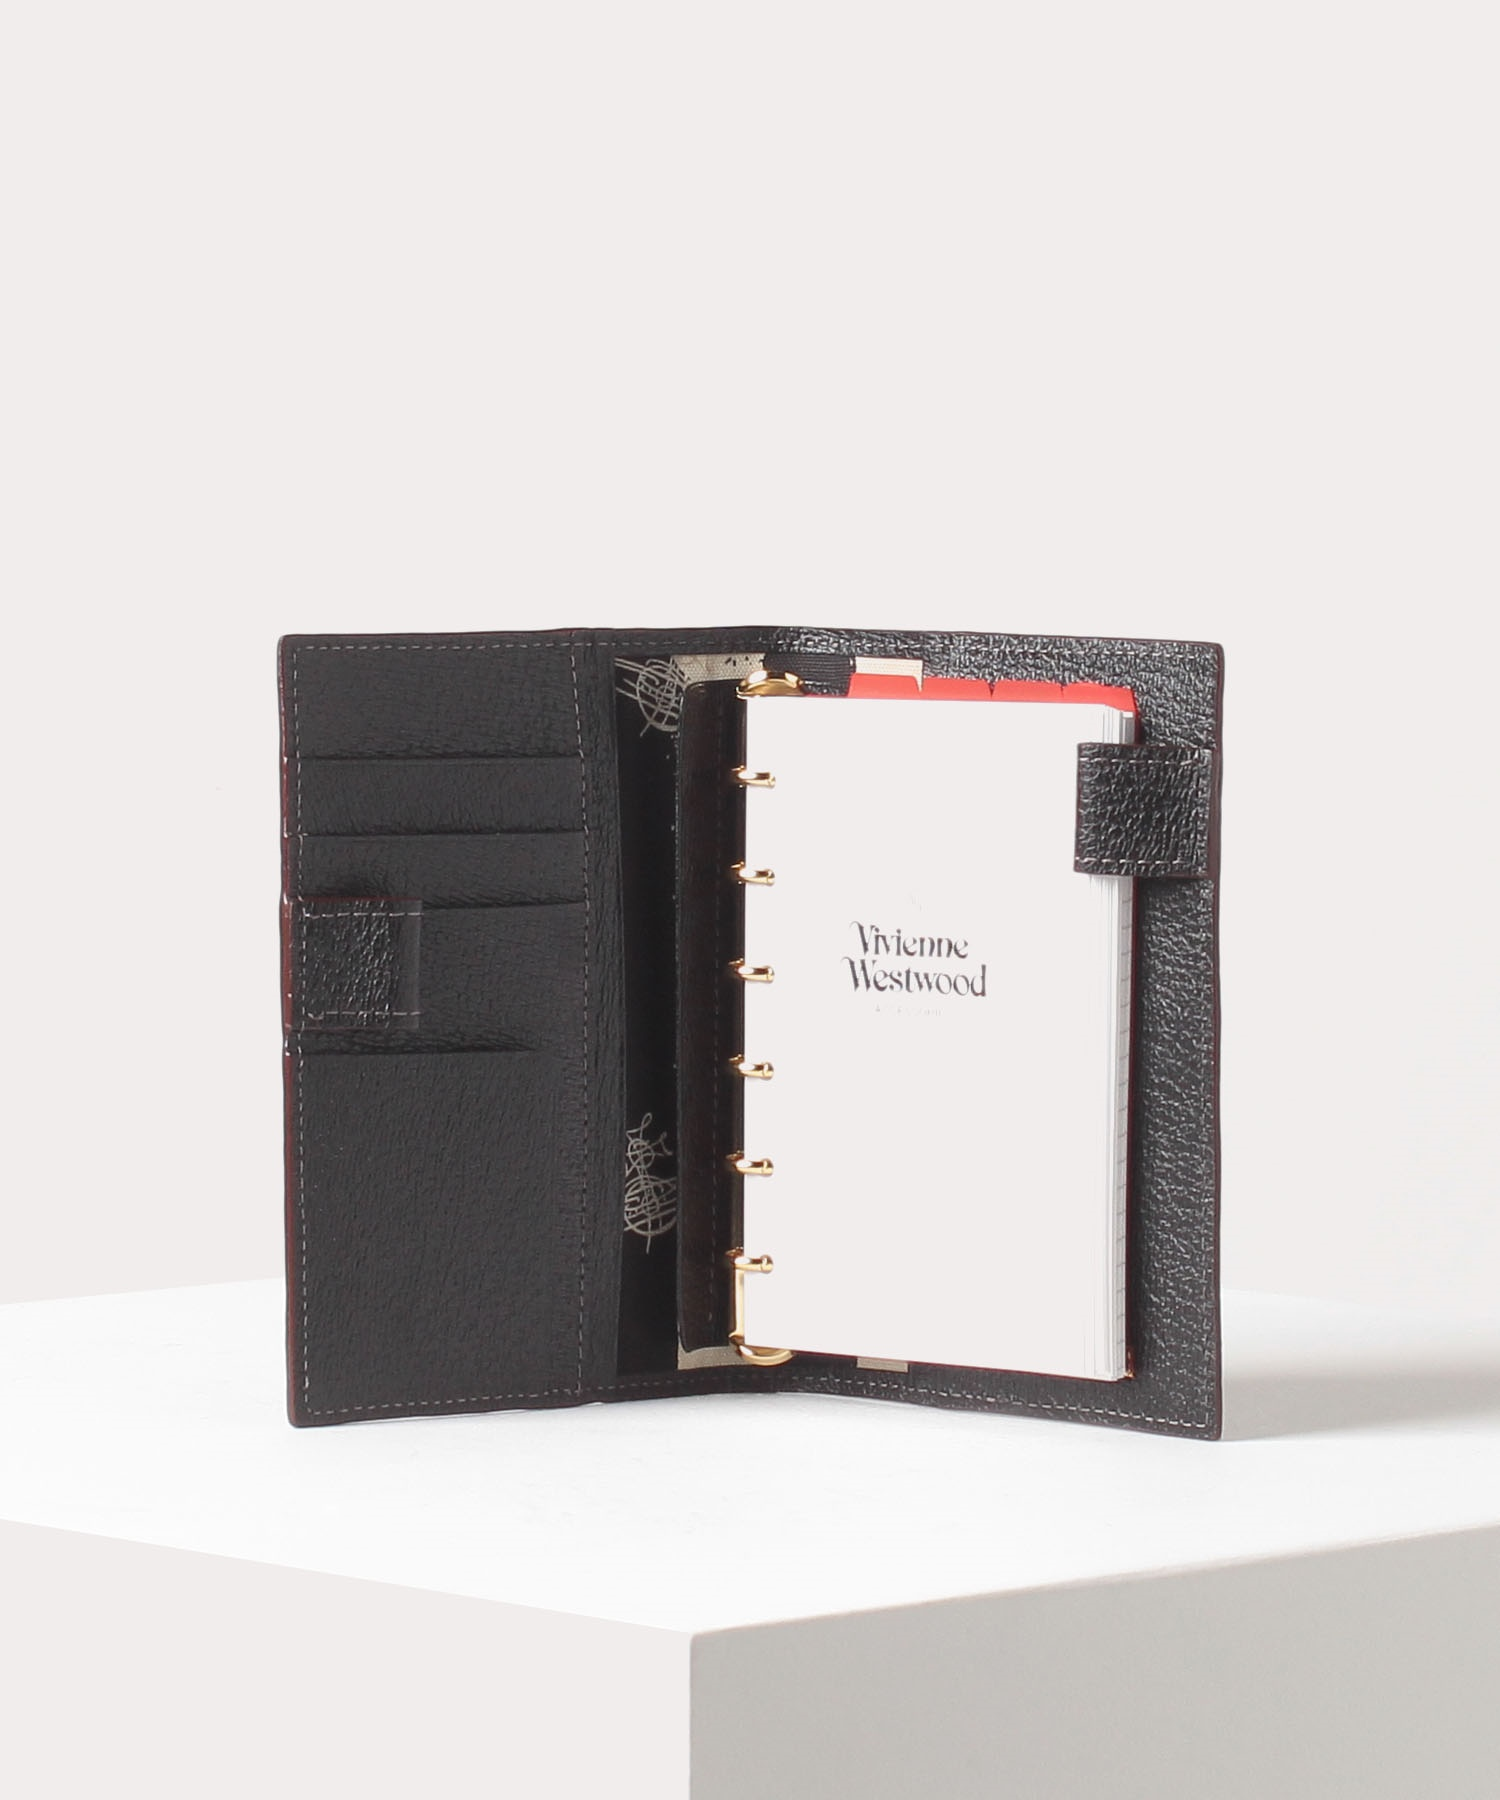 EXECUTIVE 手帳